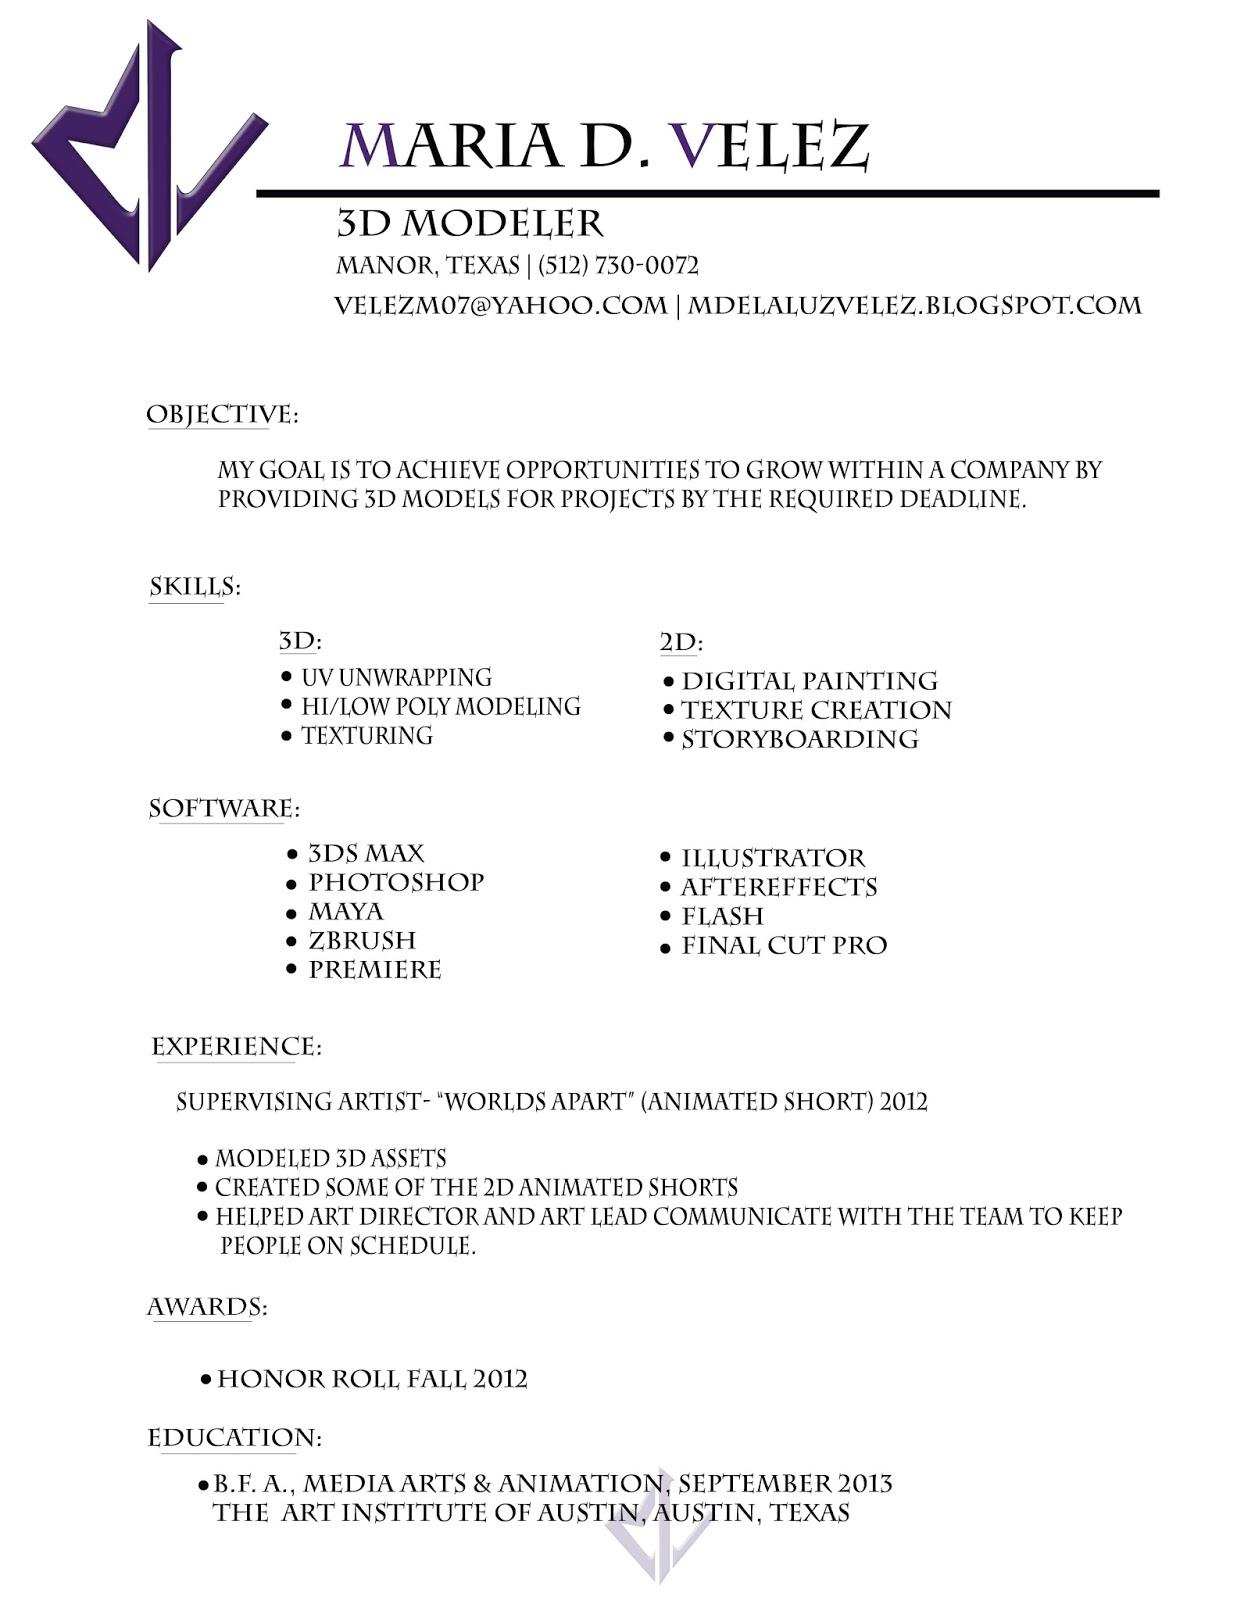 3d Modeler Resume